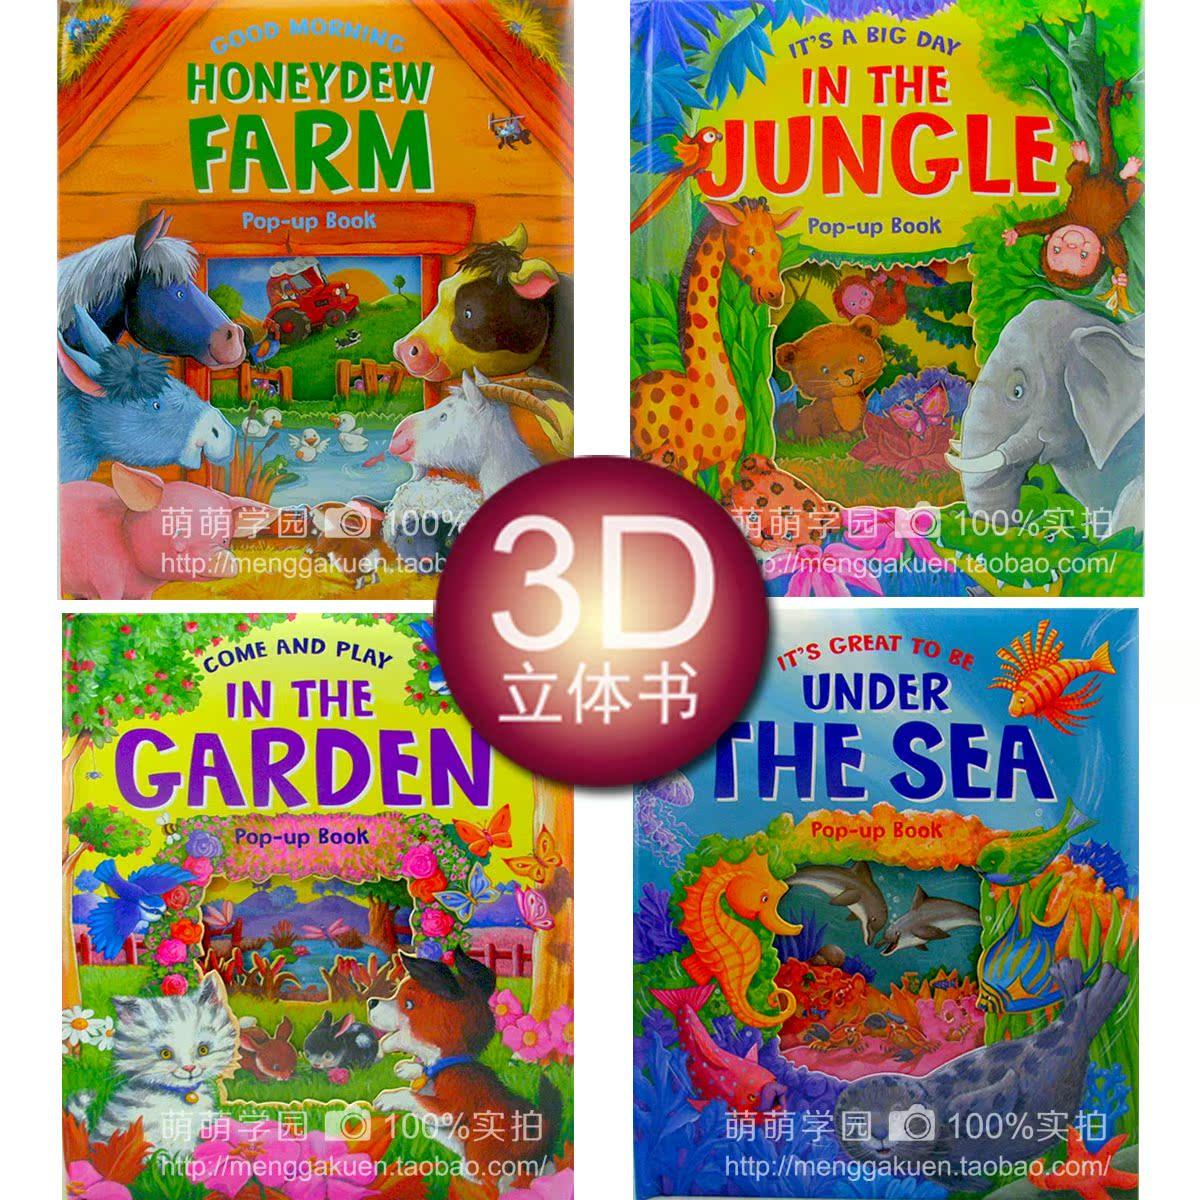 双十一惊喜儿童早教幼儿书 3d立体书 pop-up book 宝宝礼物翻翻书商品图片